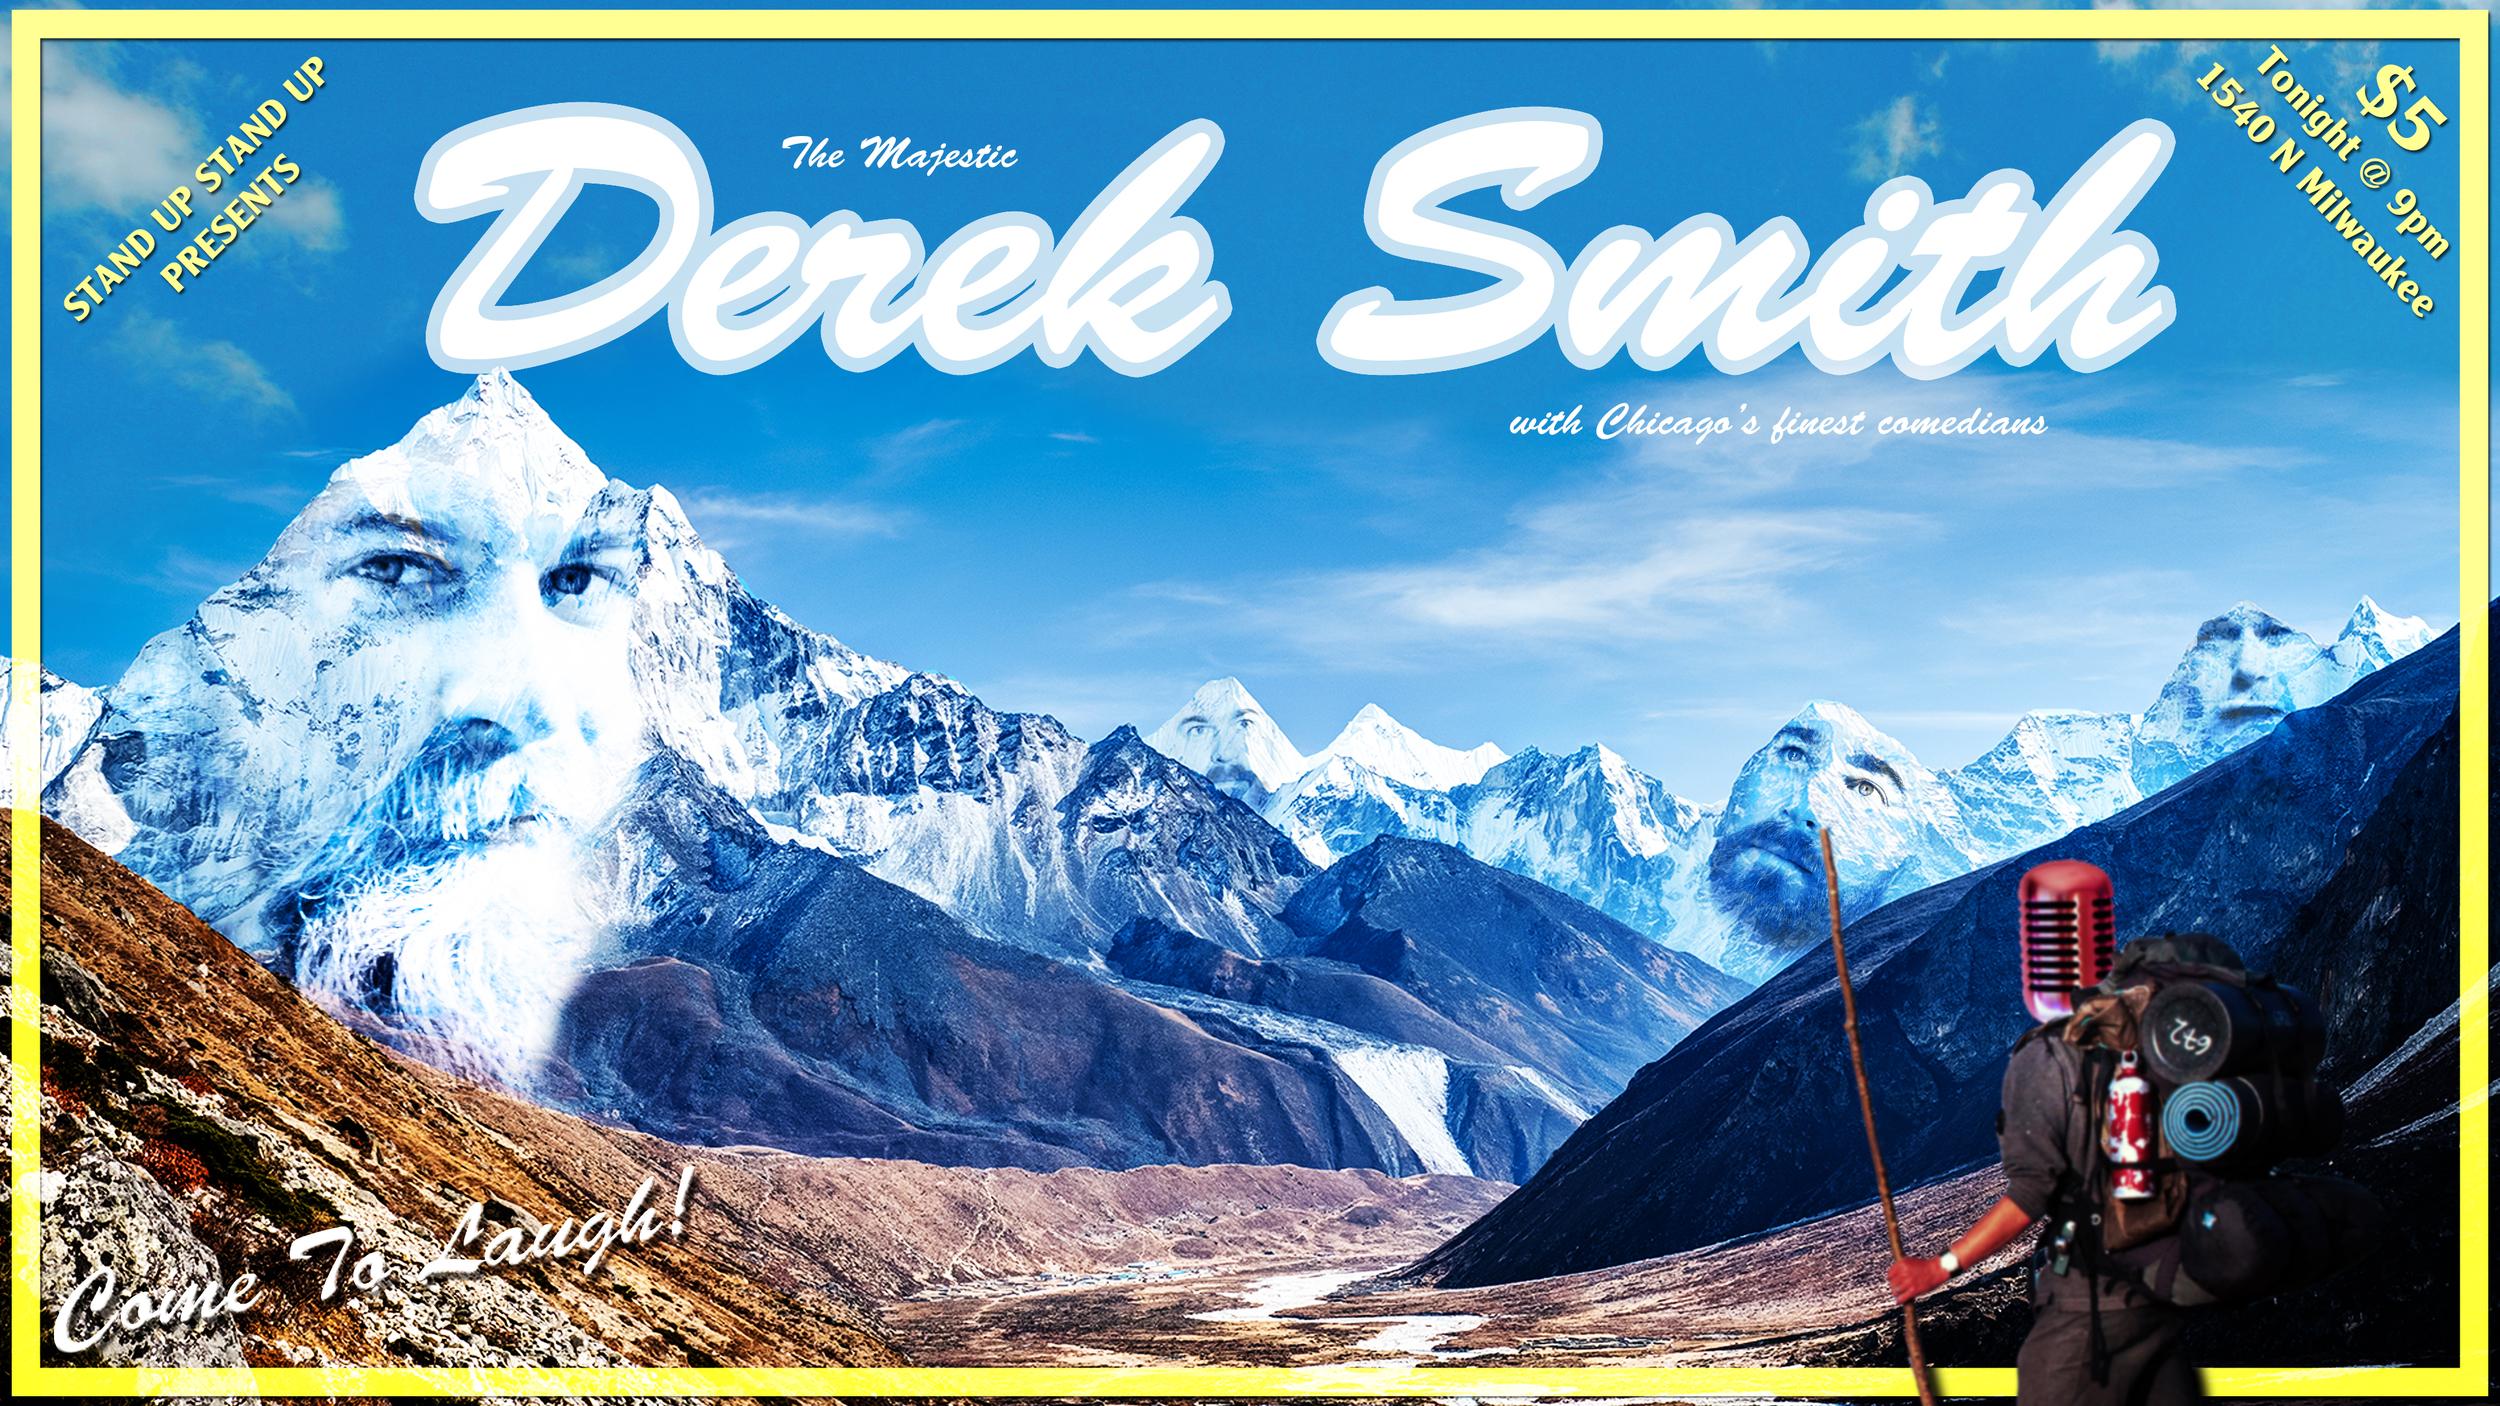 SUSU DEREK SMITH MOUNTAINS.jpg